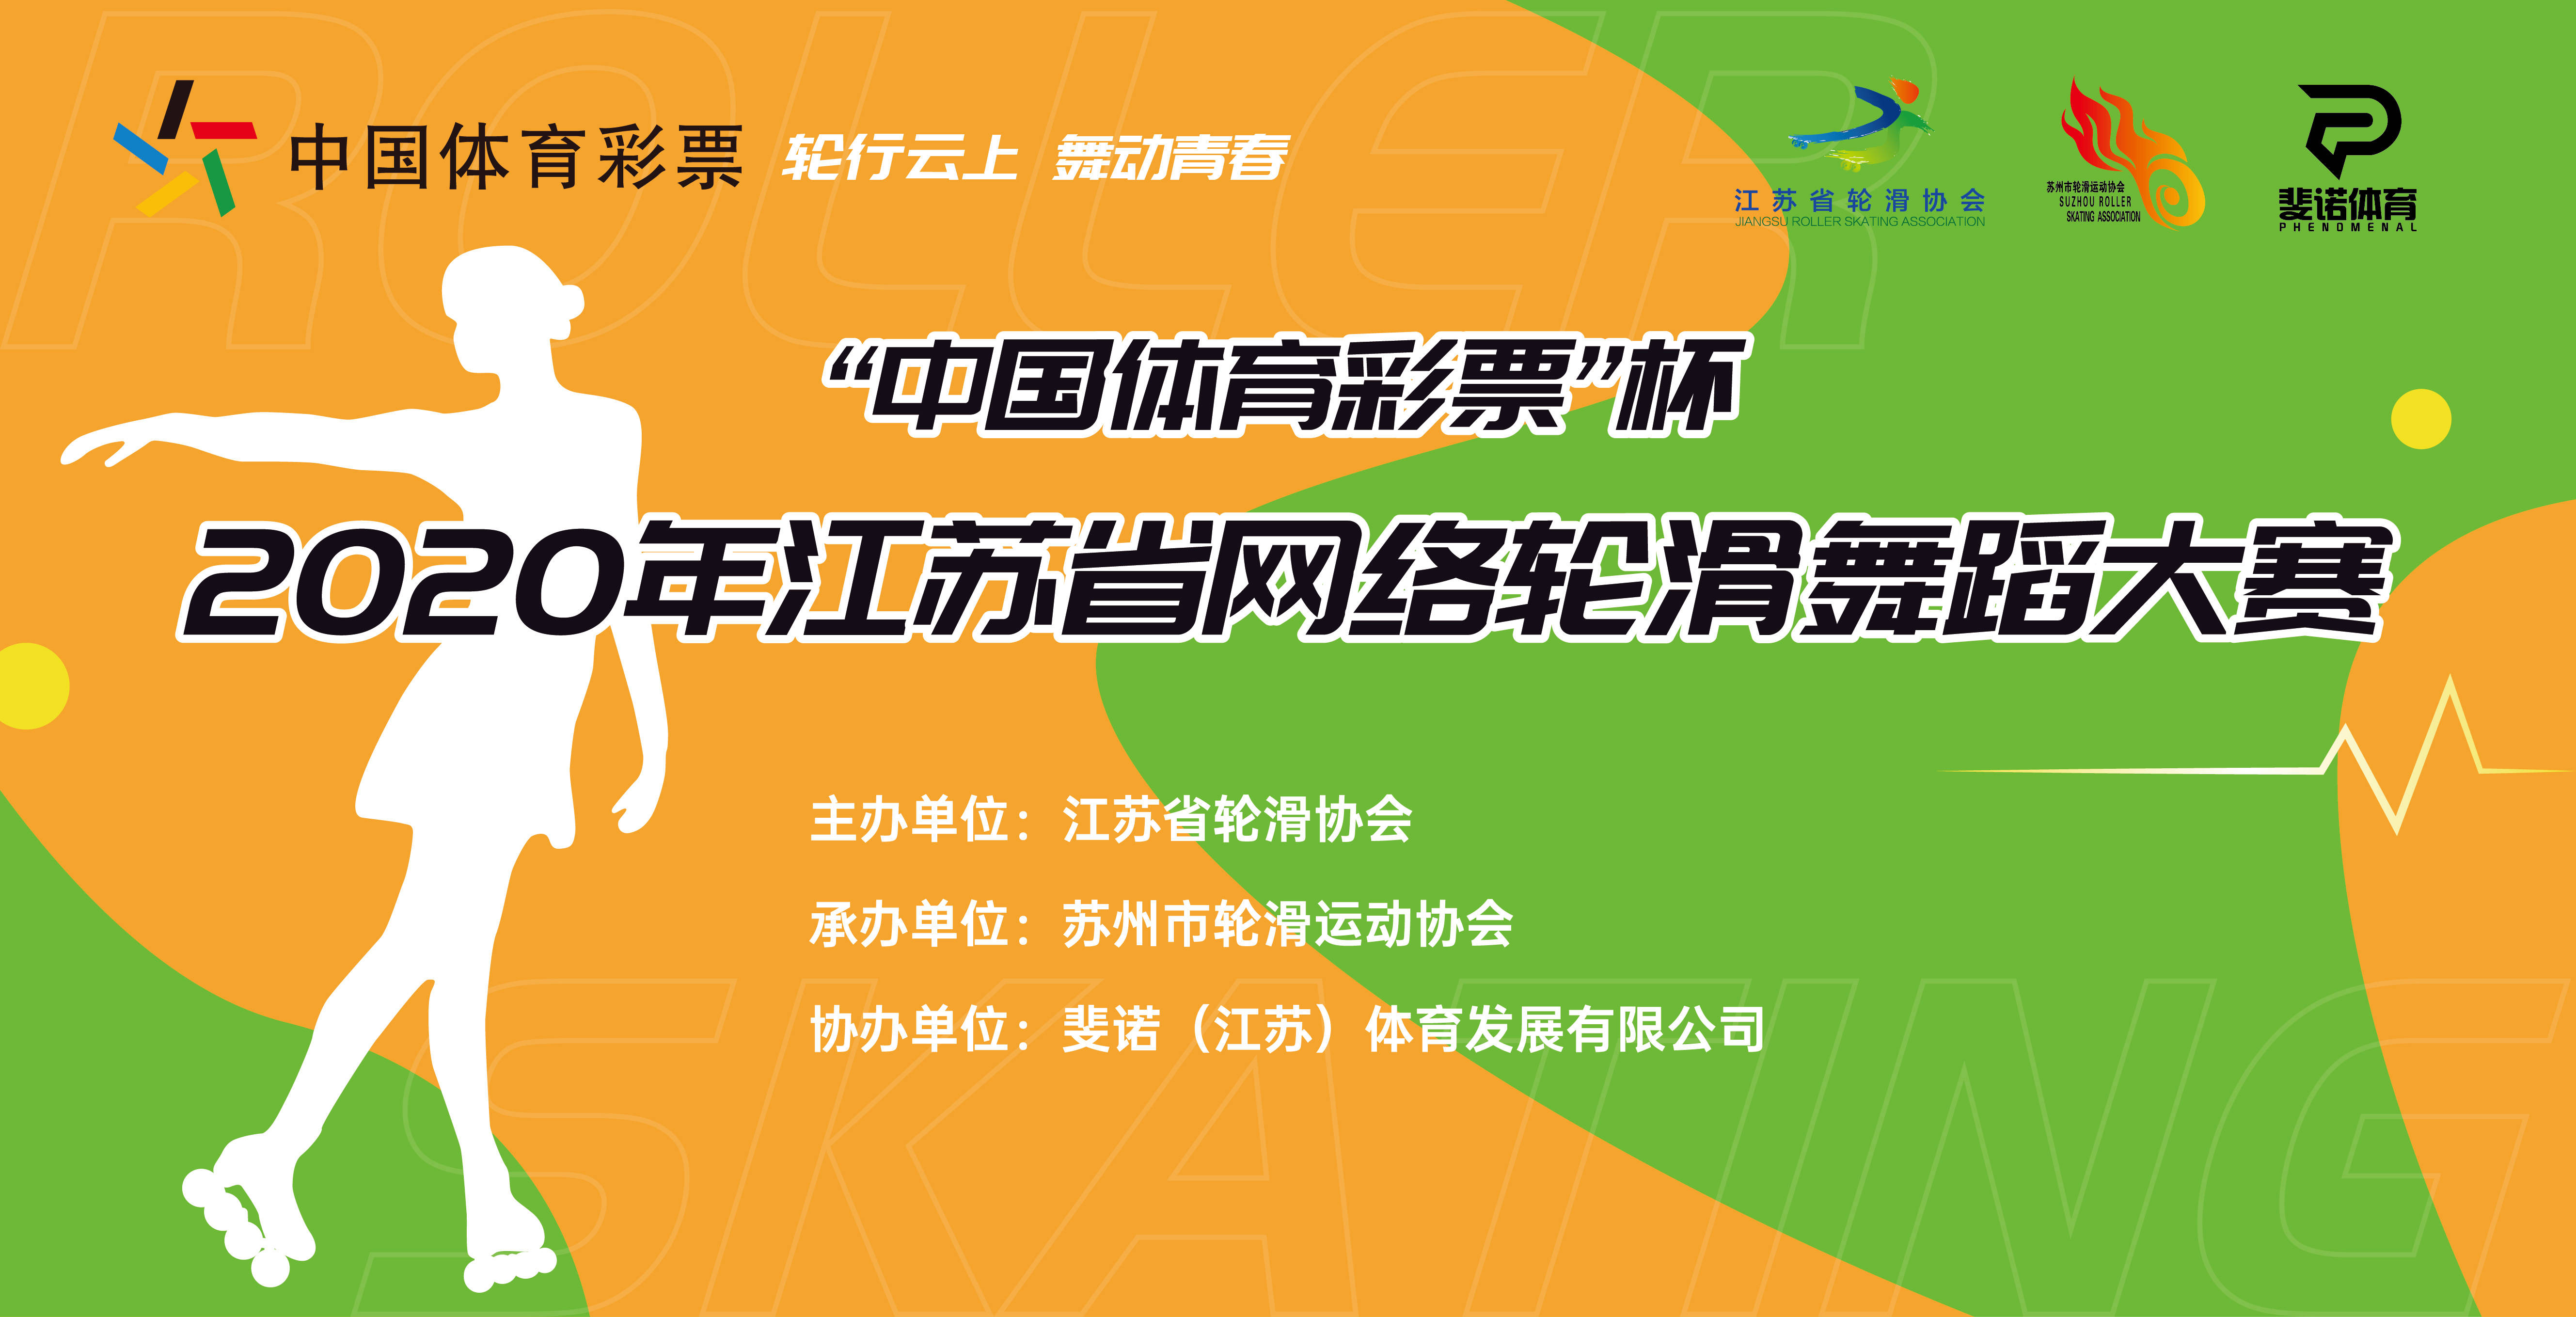 江苏省网络轮滑舞蹈大赛落幕 44支队伍250人参赛